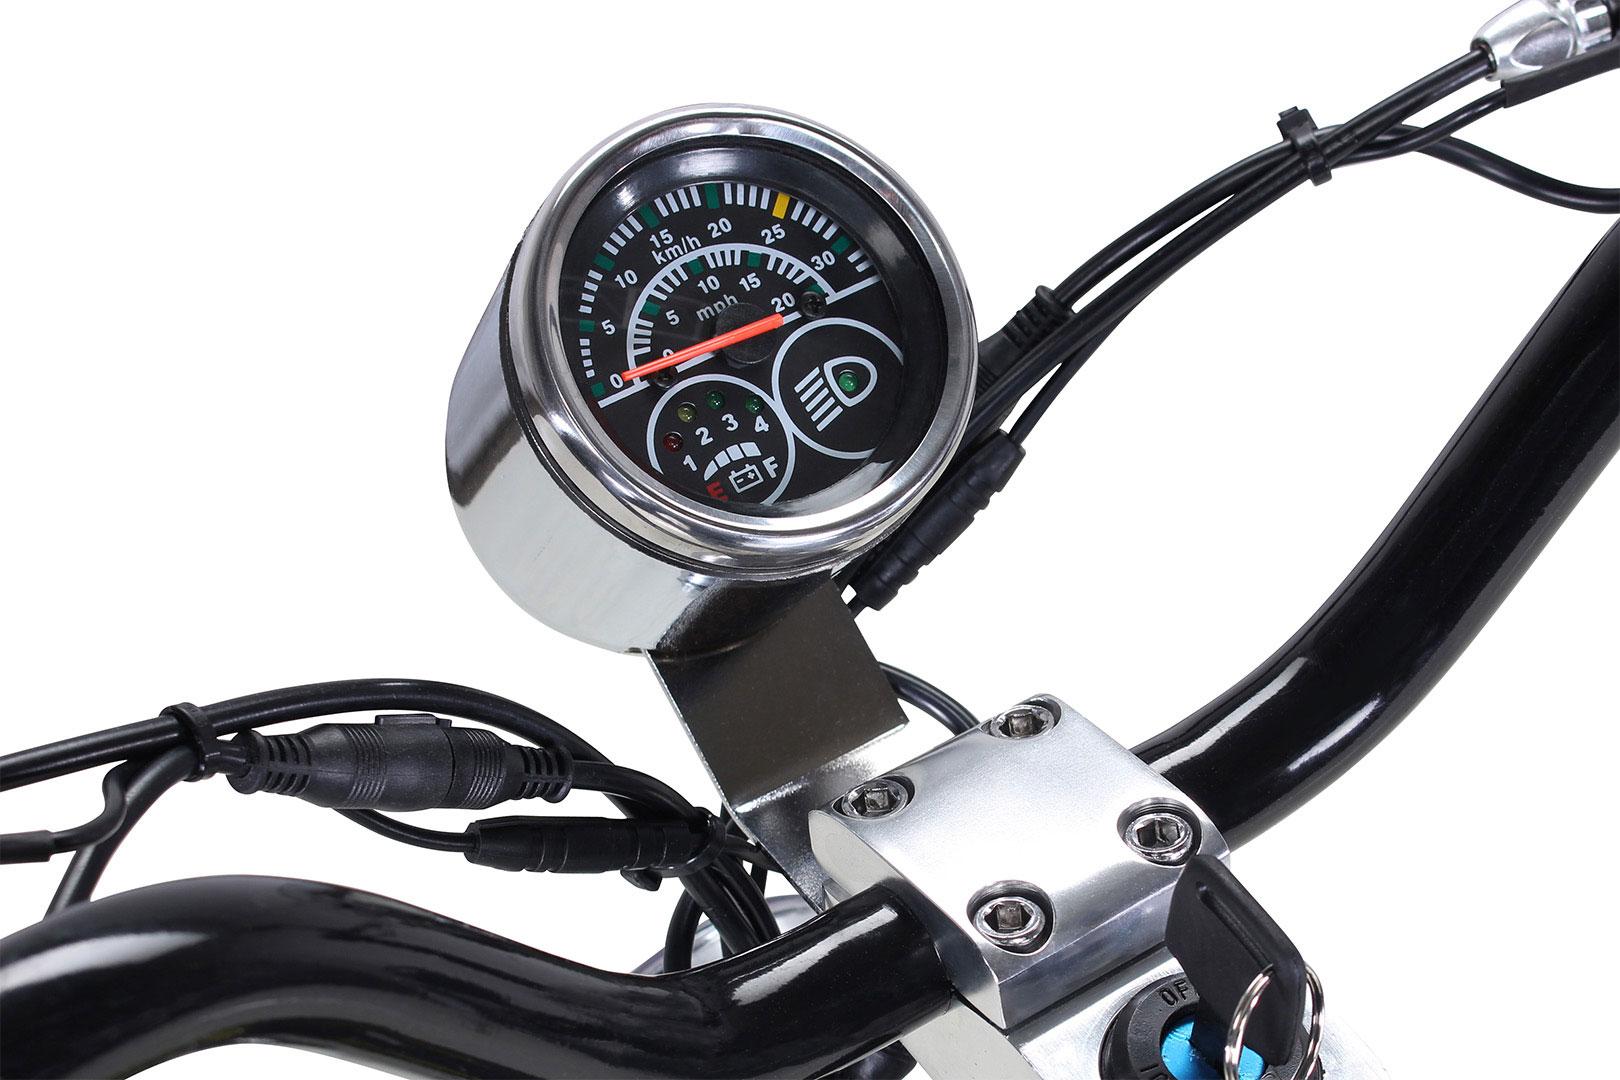 Elektroroller S20 schwarz mit Zulassung / E-Roller mit Sitz Bild 9